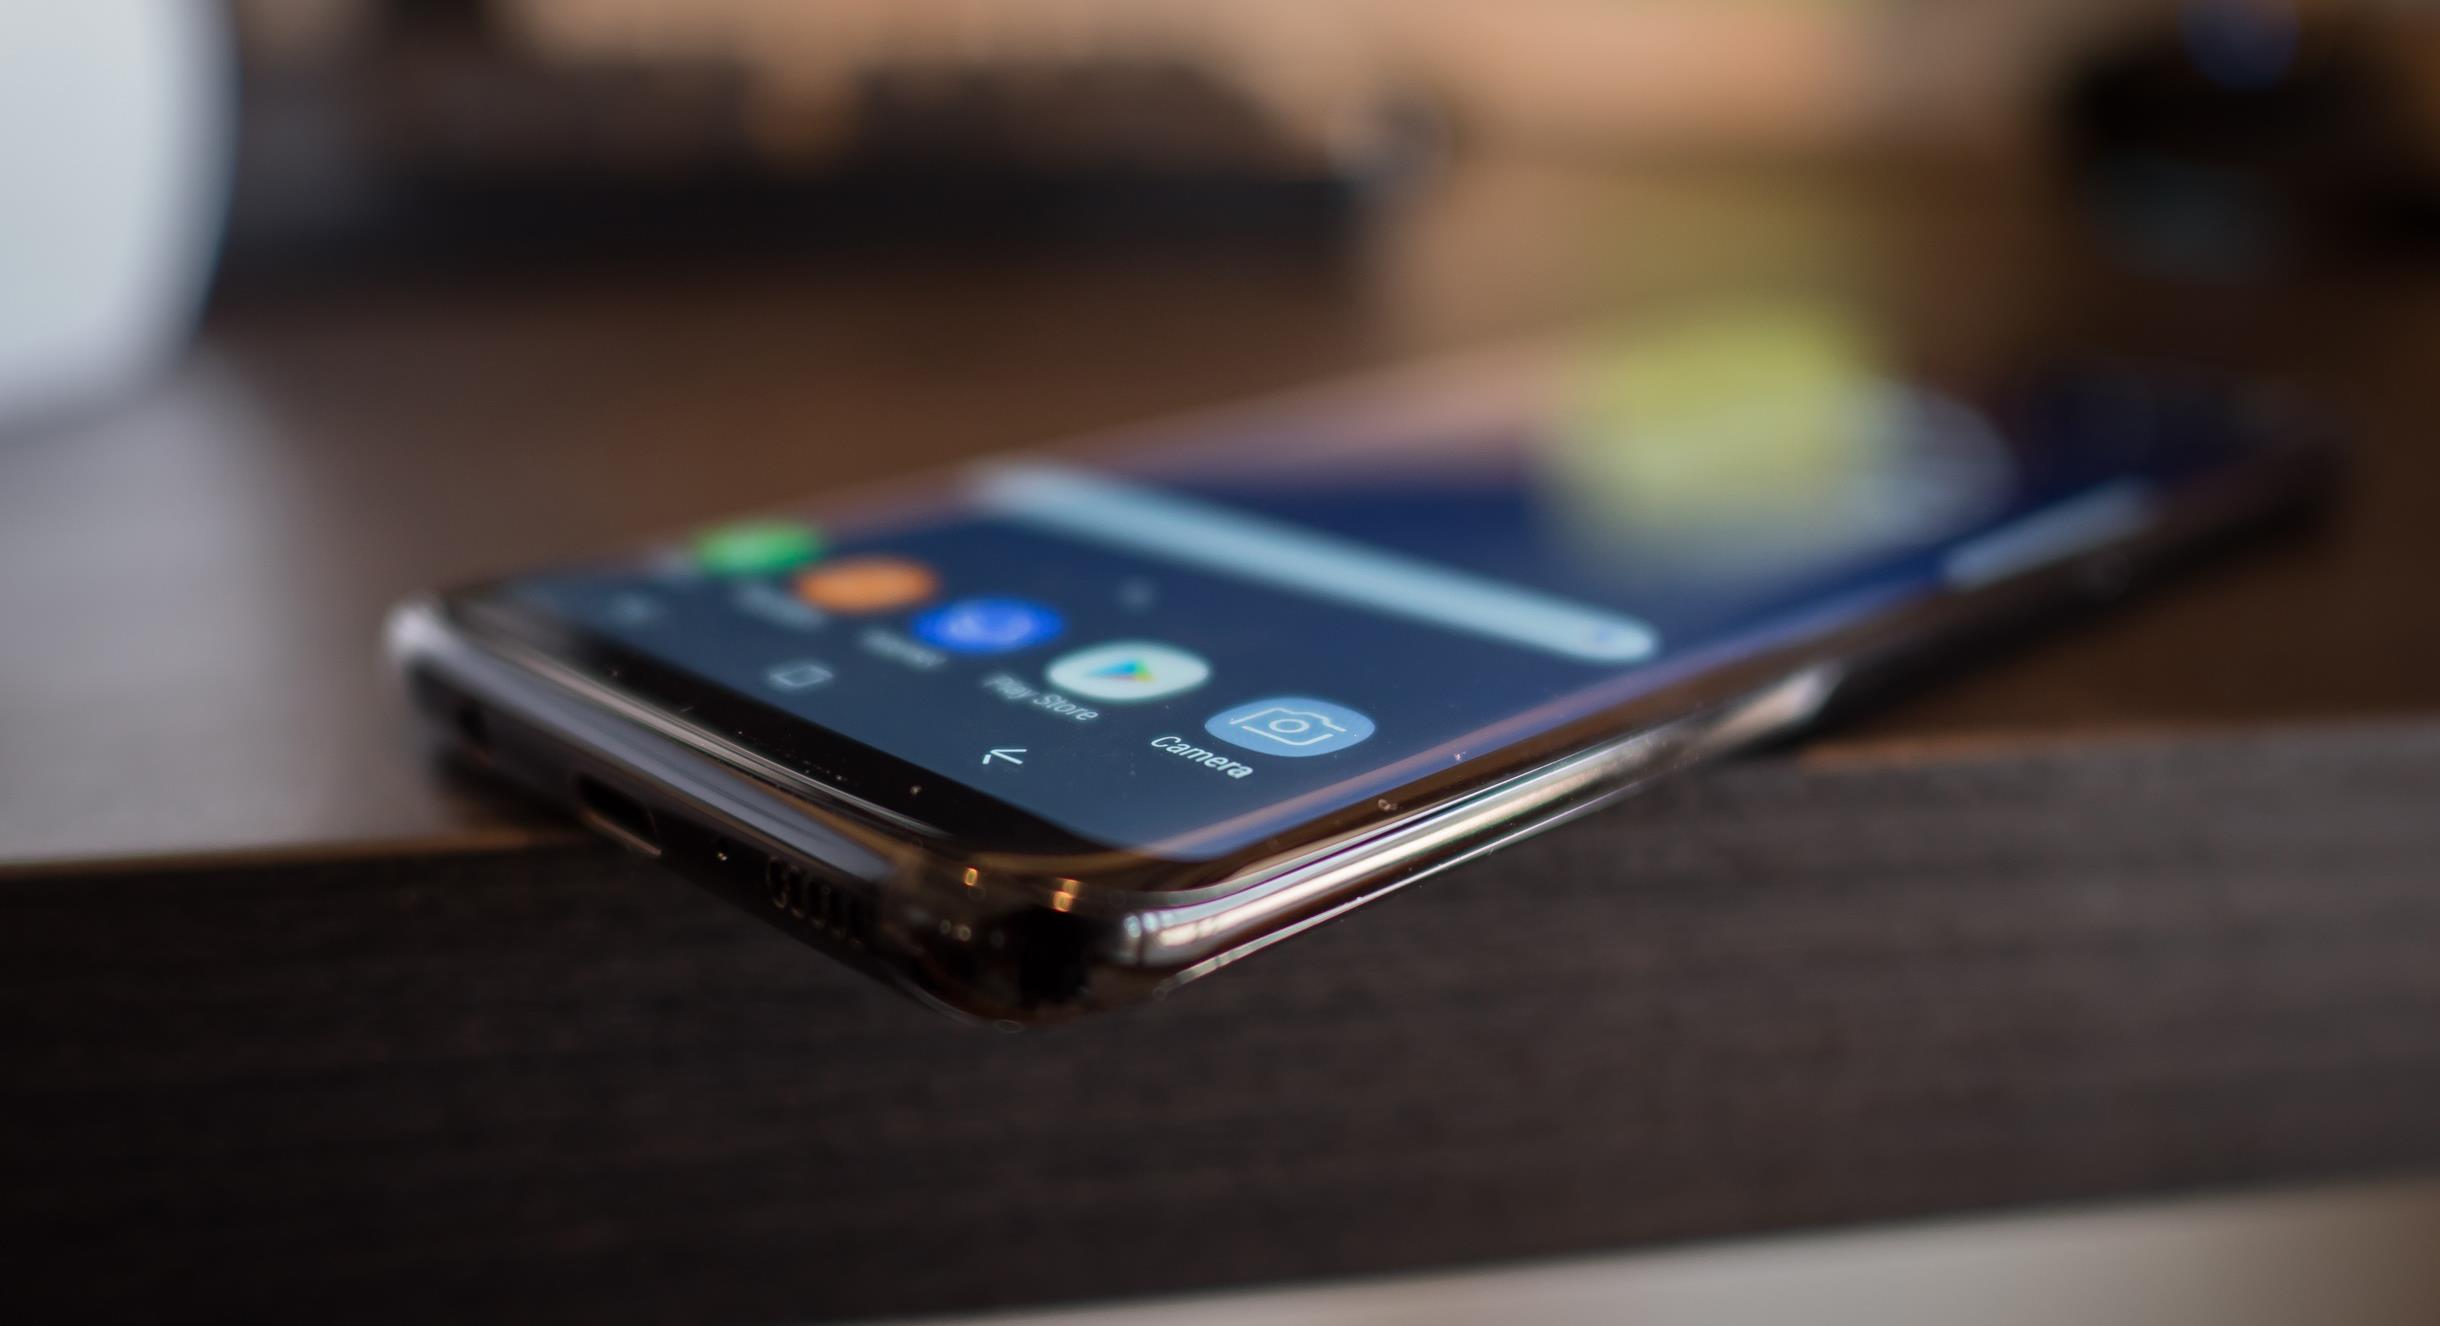 O que se sabe sobre o próximo topo de gama da Samsung, o Galaxy S9?